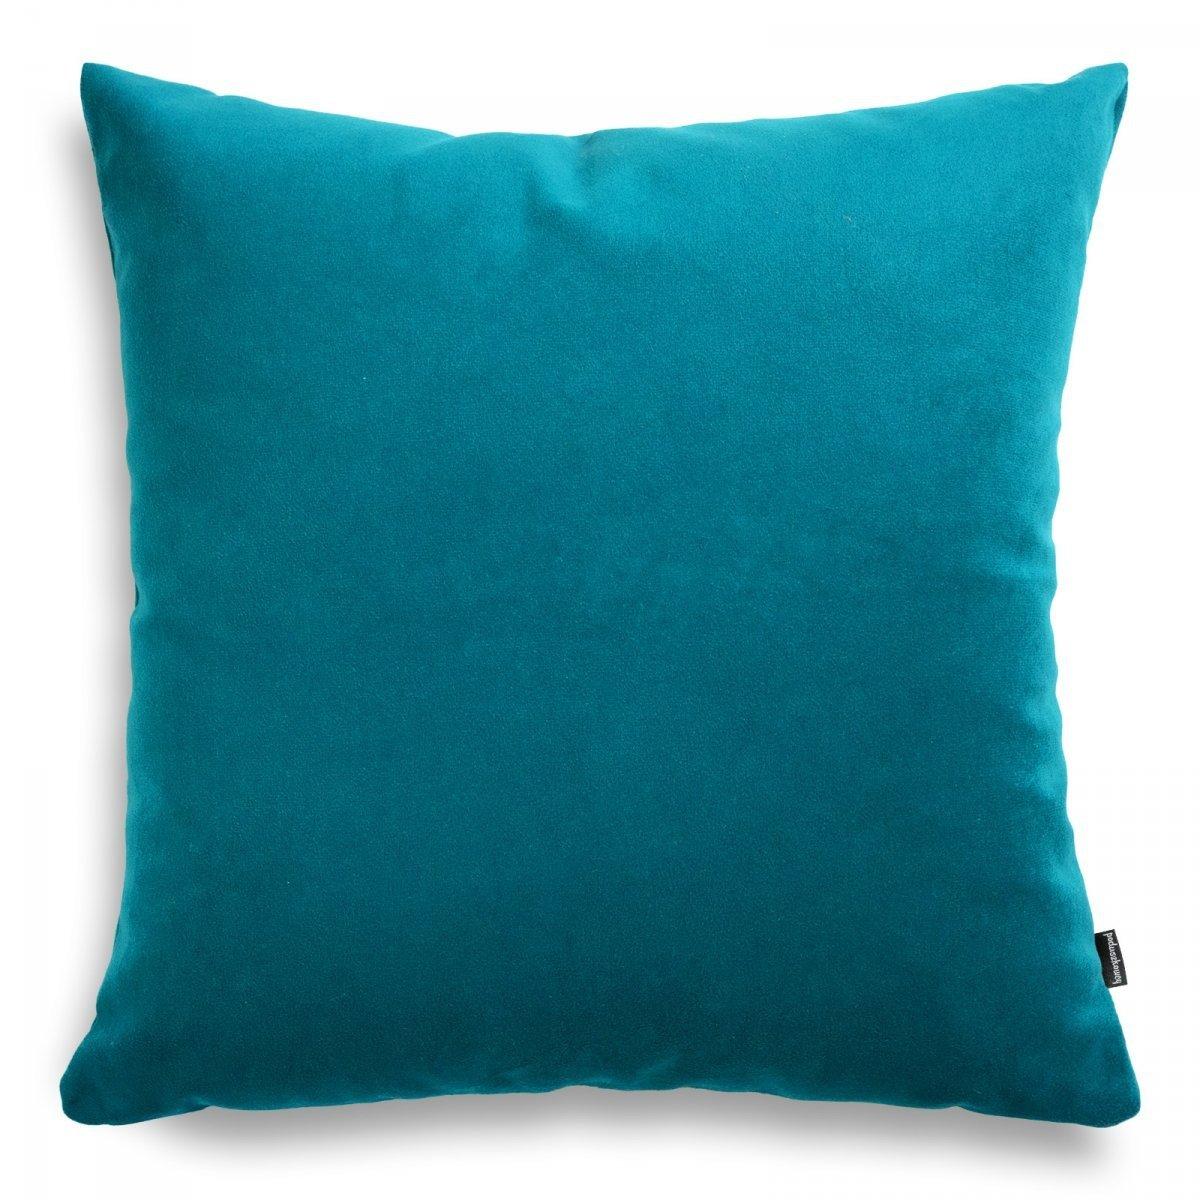 Pram turkusowa welurowa poduszka dekoracyjna 45x45 cm